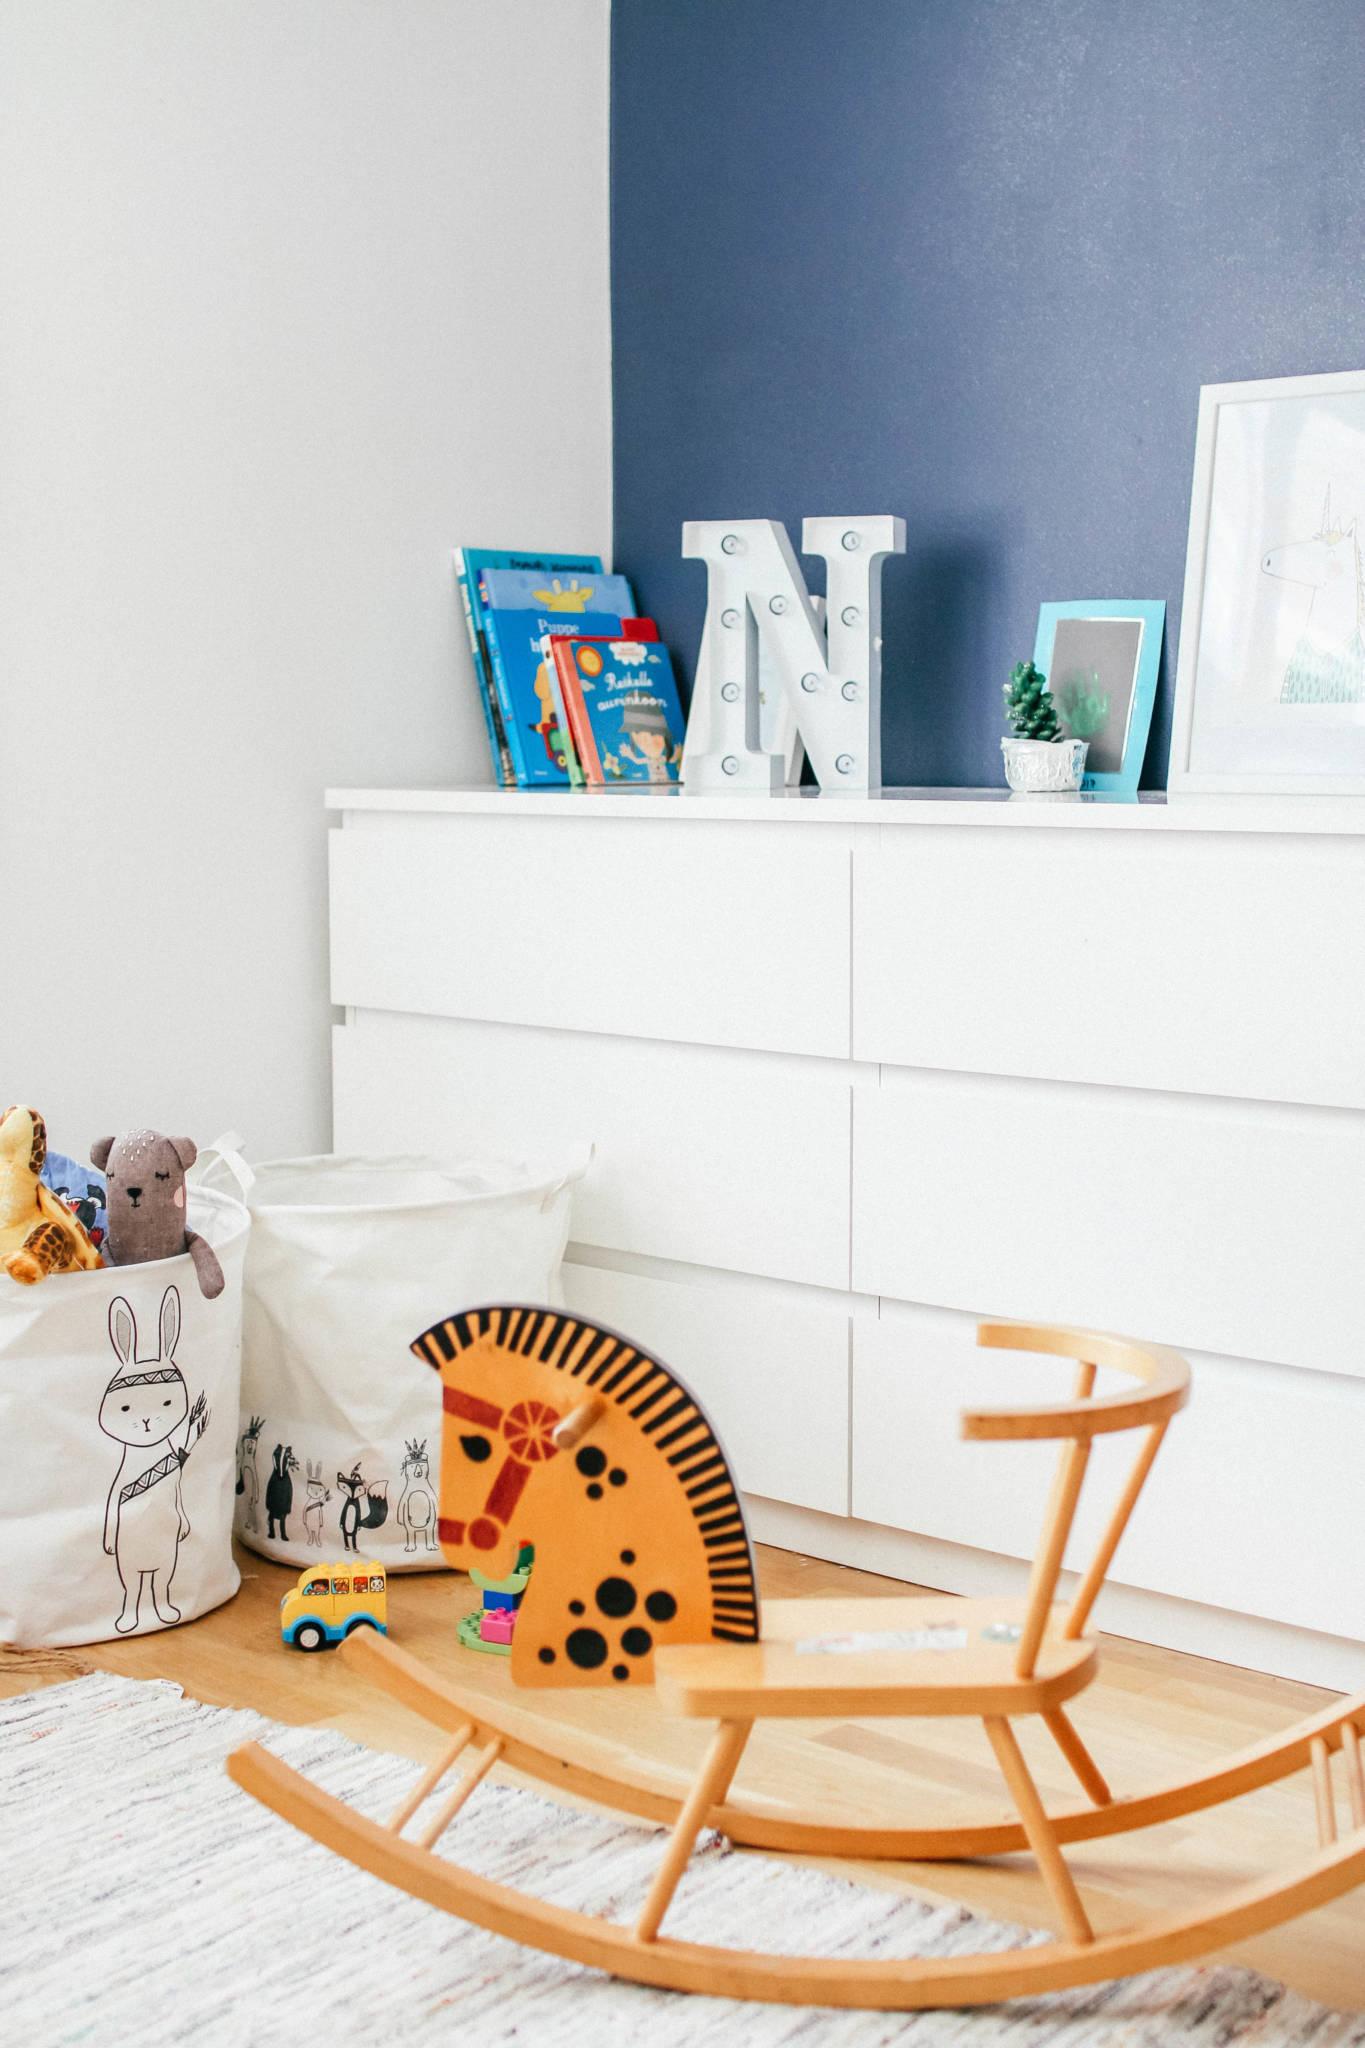 Ensimmäinen kurkistus lastenhuoneeseen ja kuukauden kysymys: Perhepeti forever?